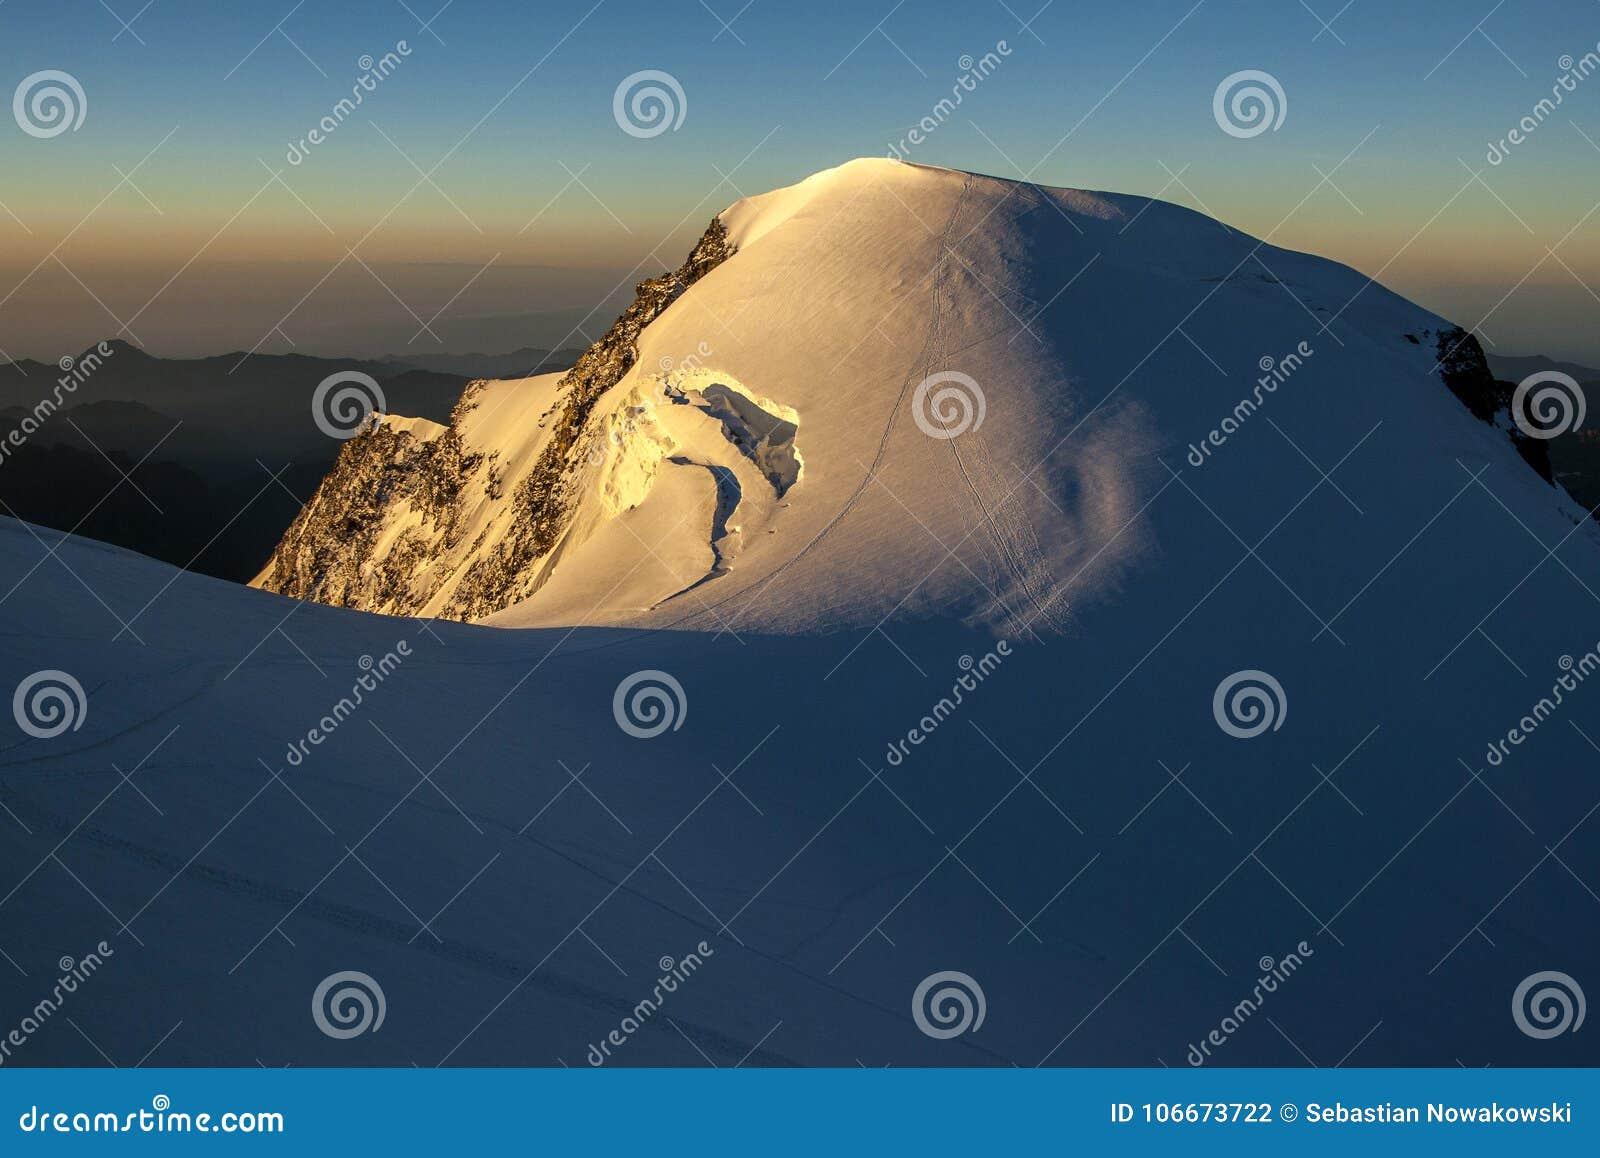 Ορεινός όγκος της Rosa Monte - Piramide Vincent στην ανατολή